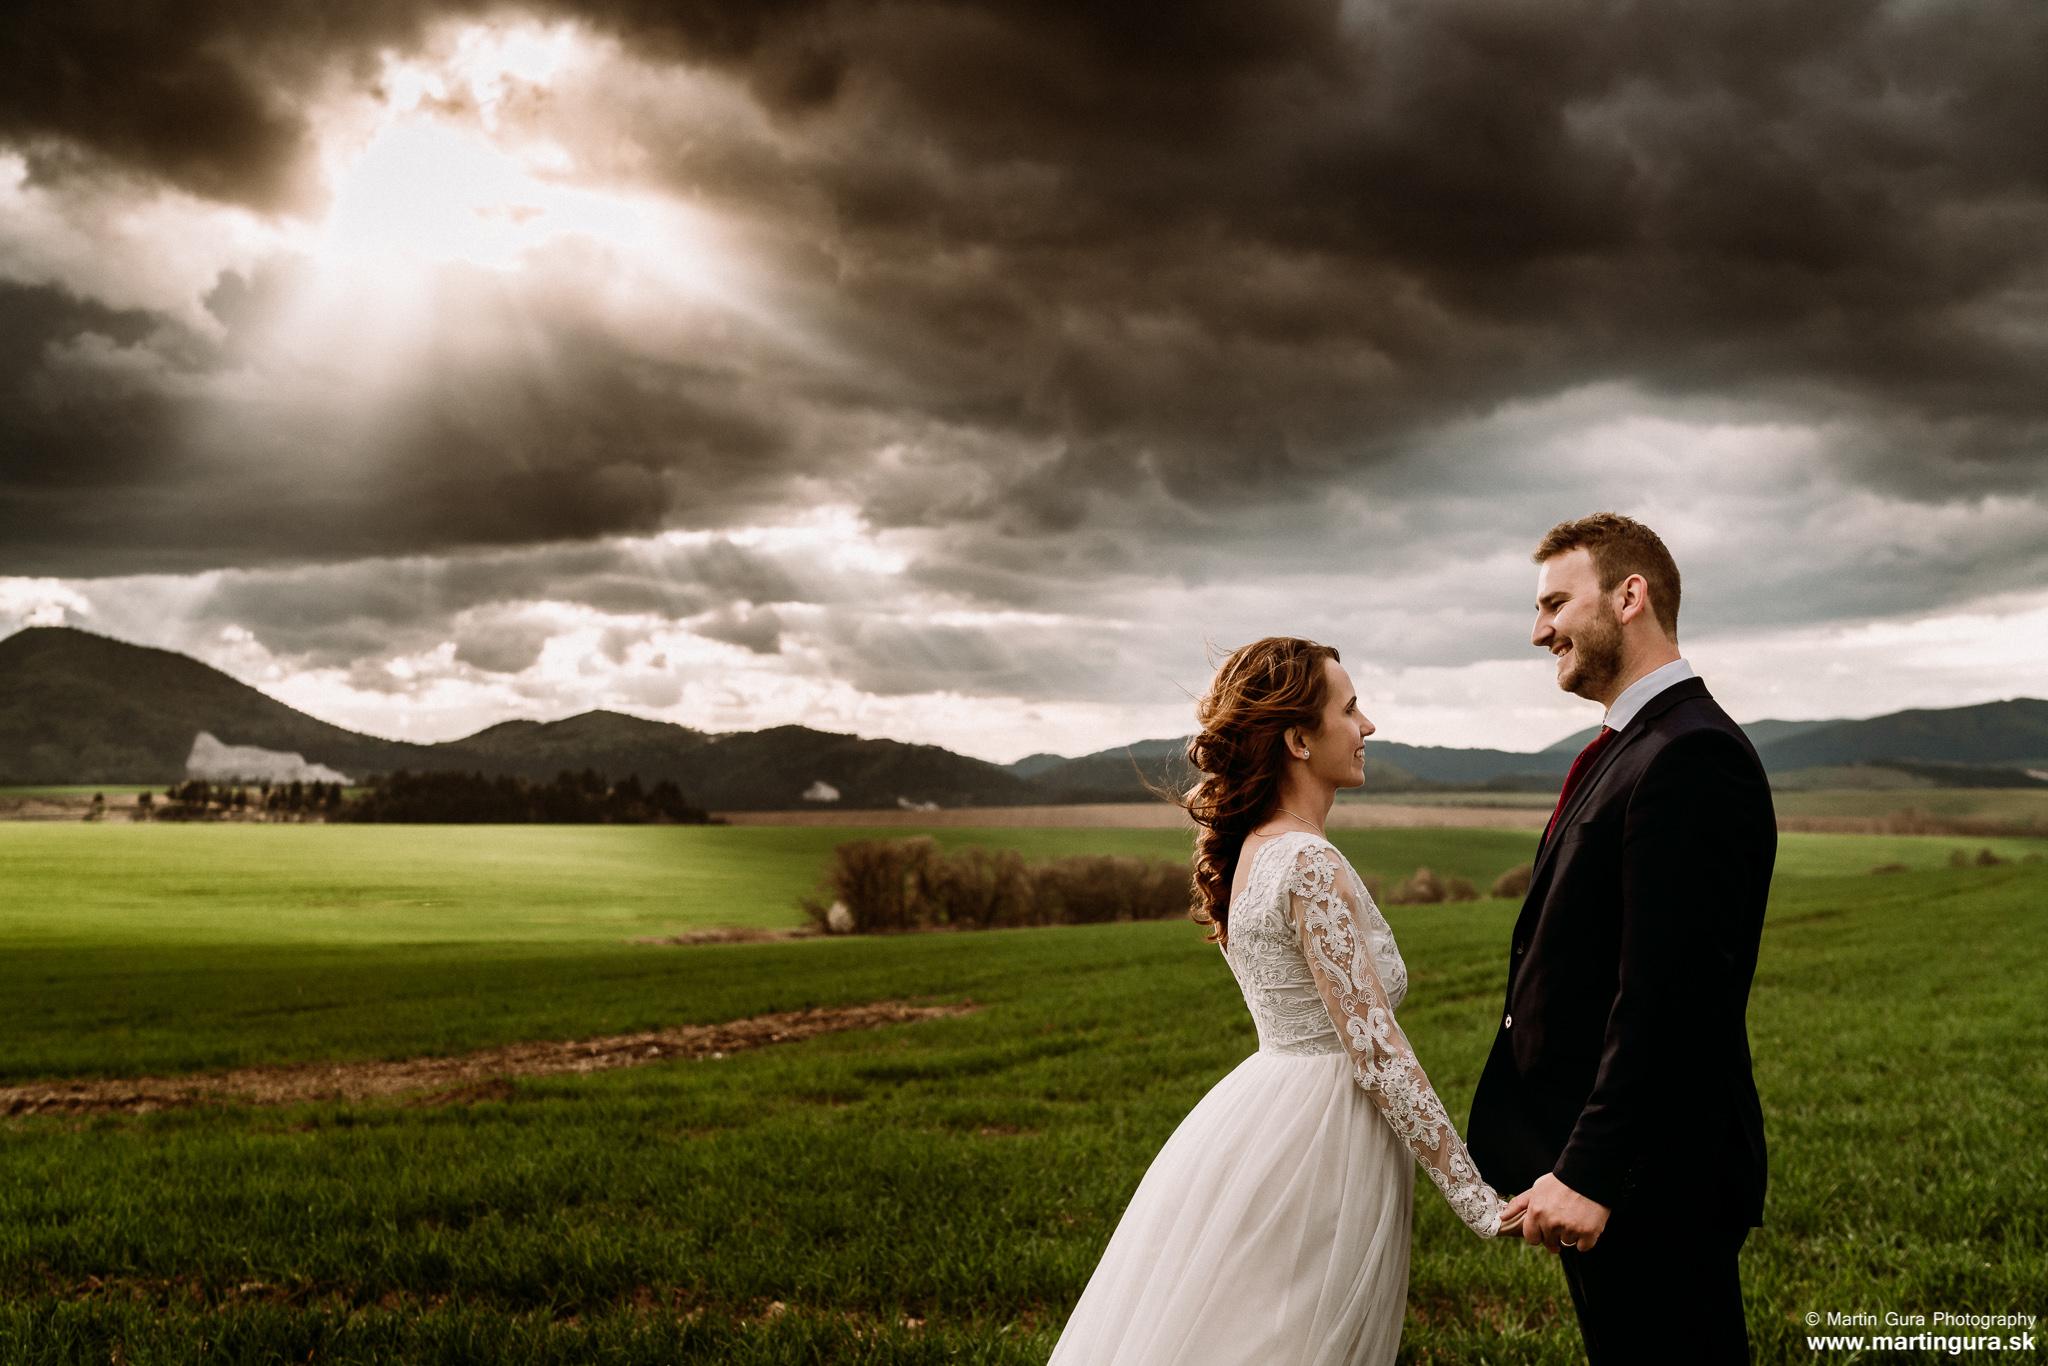 Svadobné fotografie L&M - západ slnka - dramatické počasie